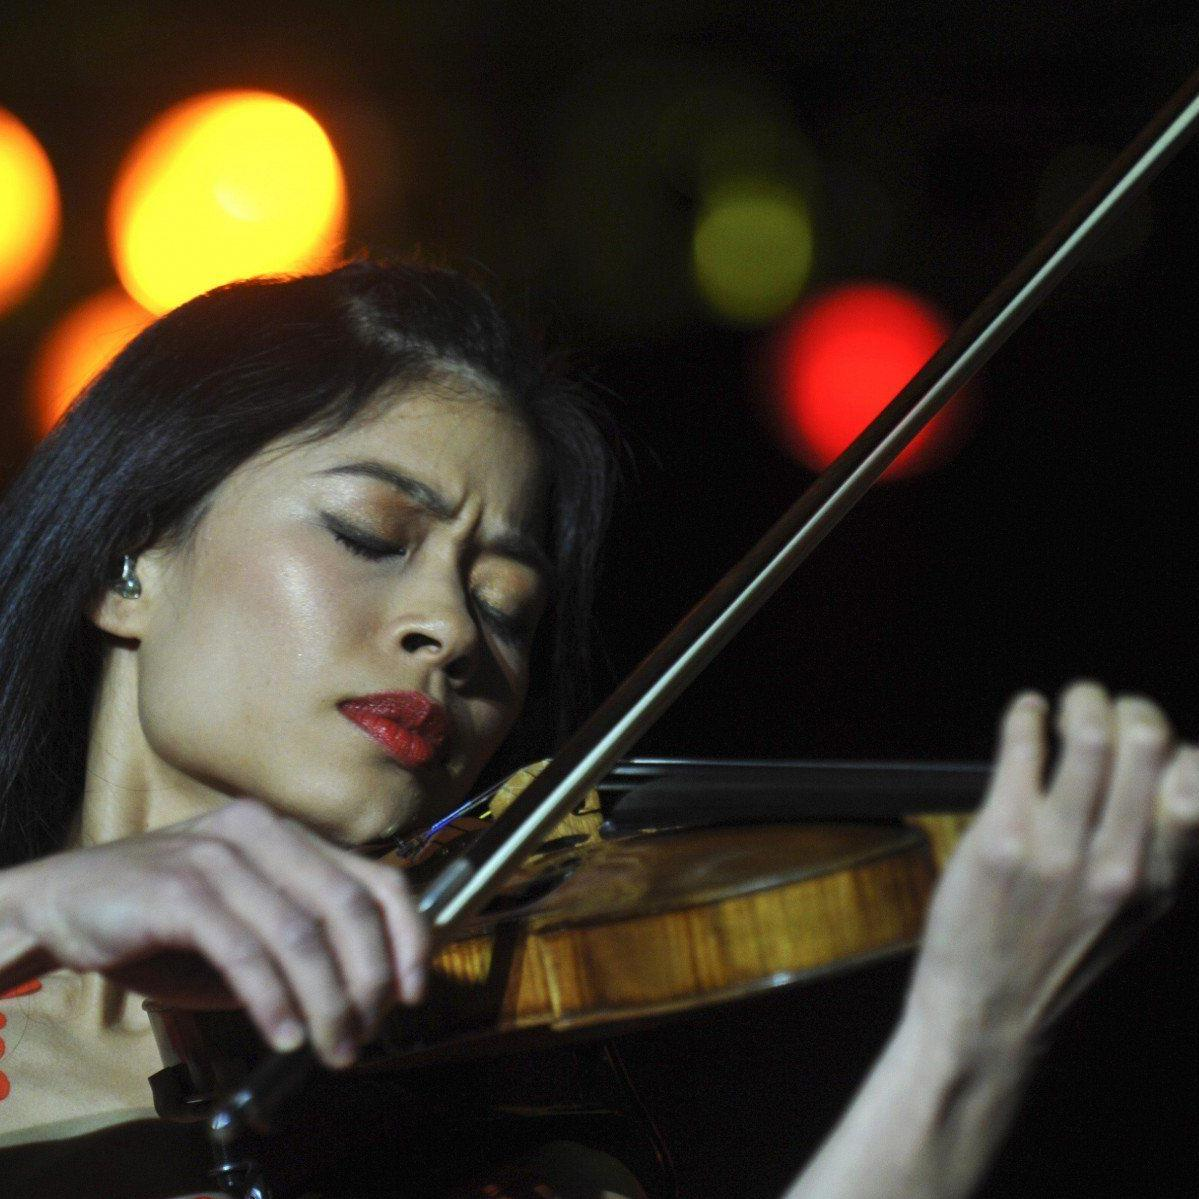 Vanessa Mae macht offenbar nicht nur an der Geige, sondern auch auf Skiern eine gute Figur.